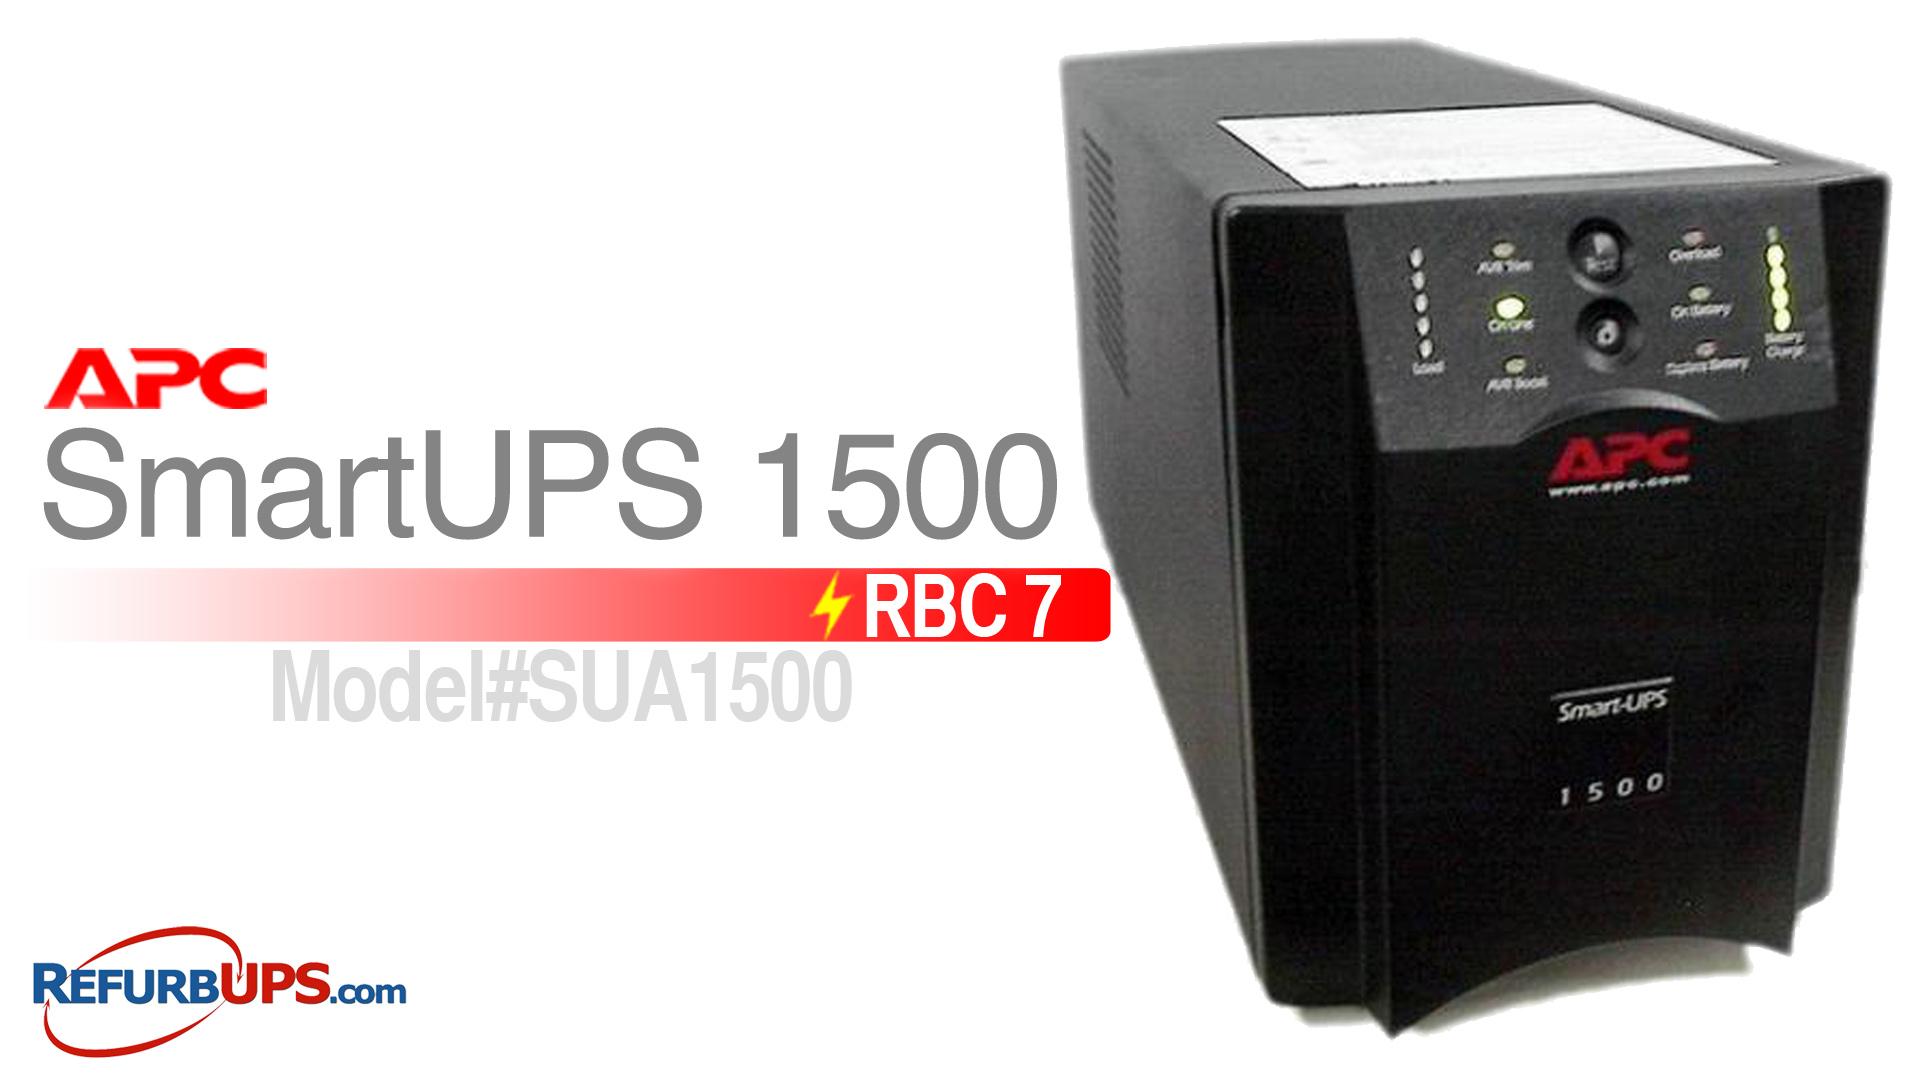 APC RBC 7 in APC SmartUPS 1500